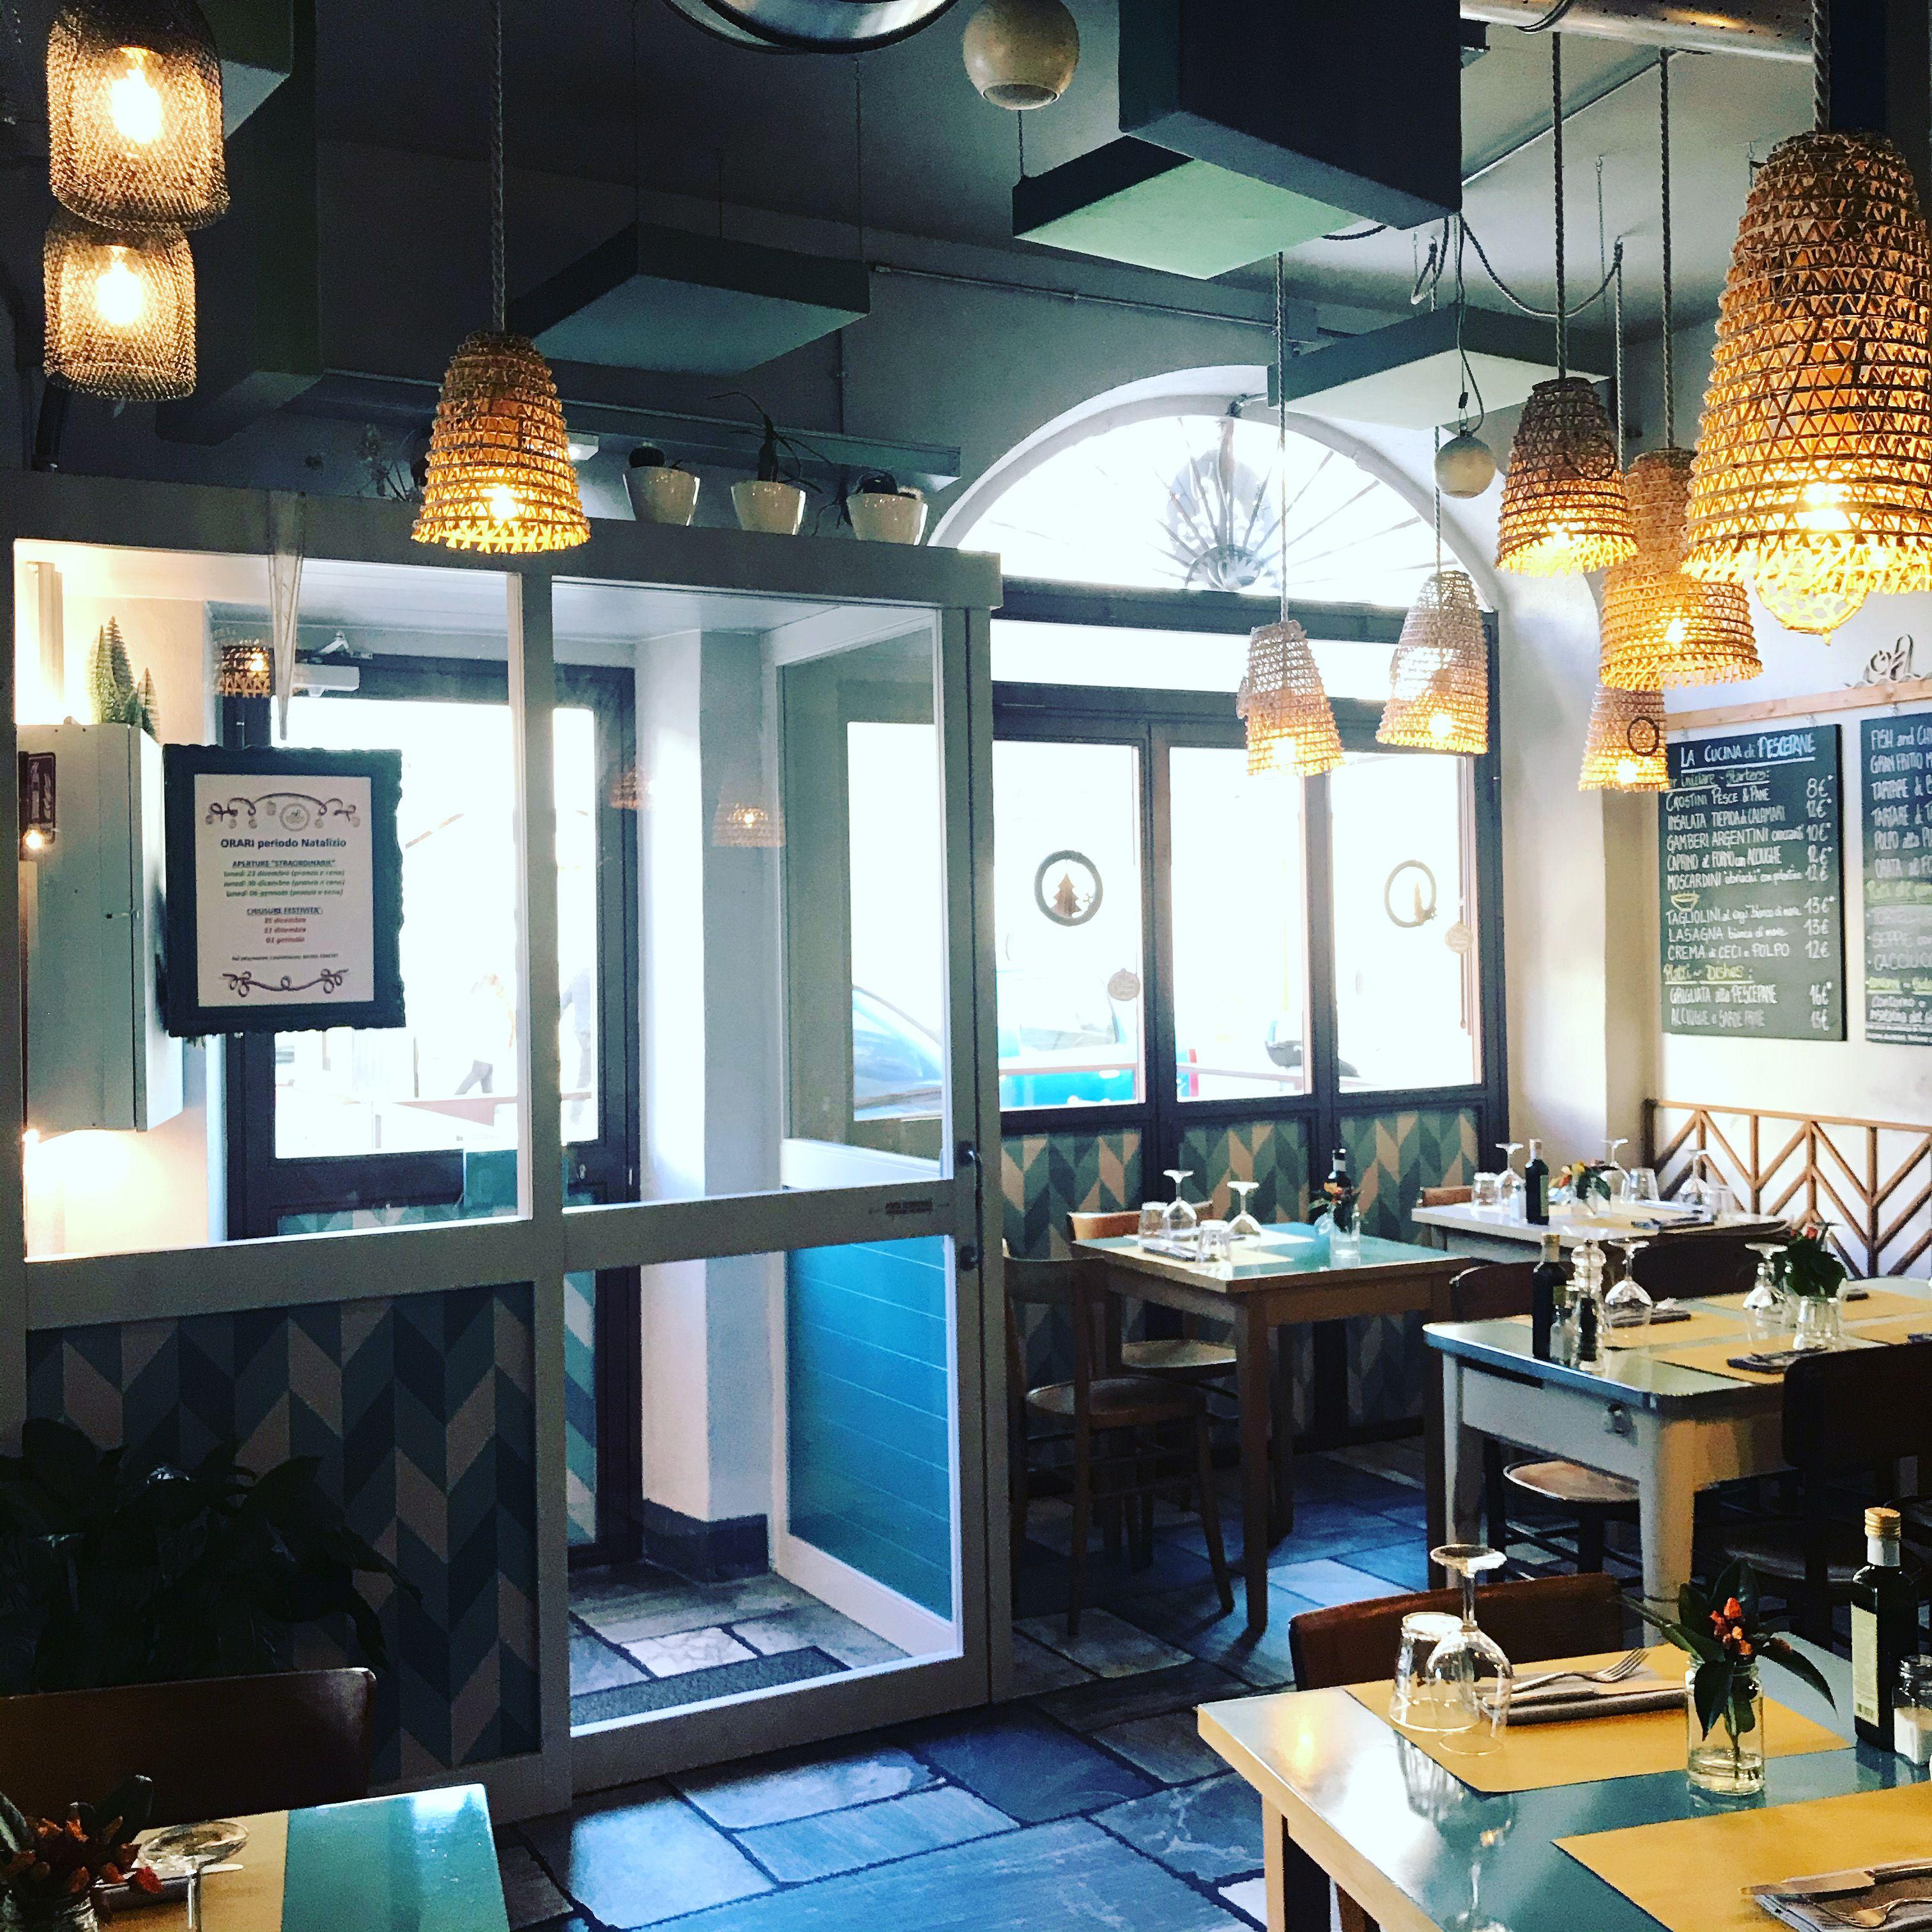 Inside La Cucina Di Pescepane Cucine Ristorante Firenze